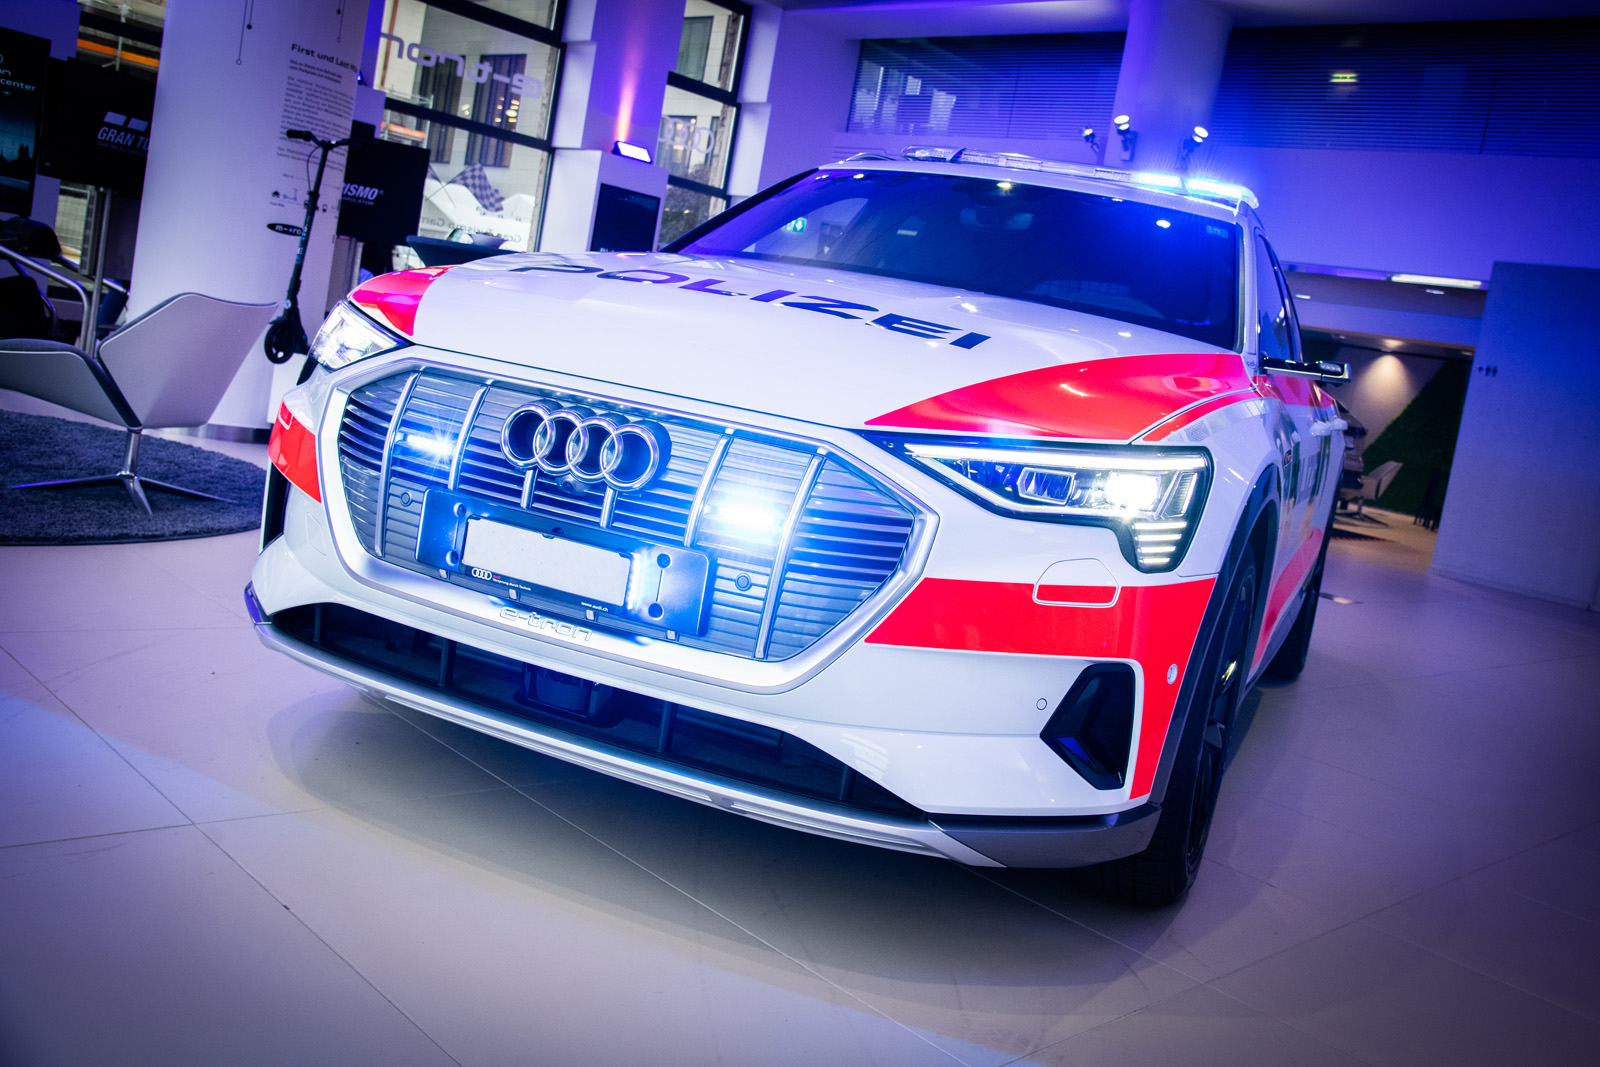 Das Demo-Polizeiauto wurde im November in Zürich interessierten Polizei-Vertretern vorgestellt. (Thomas Buchwalder)